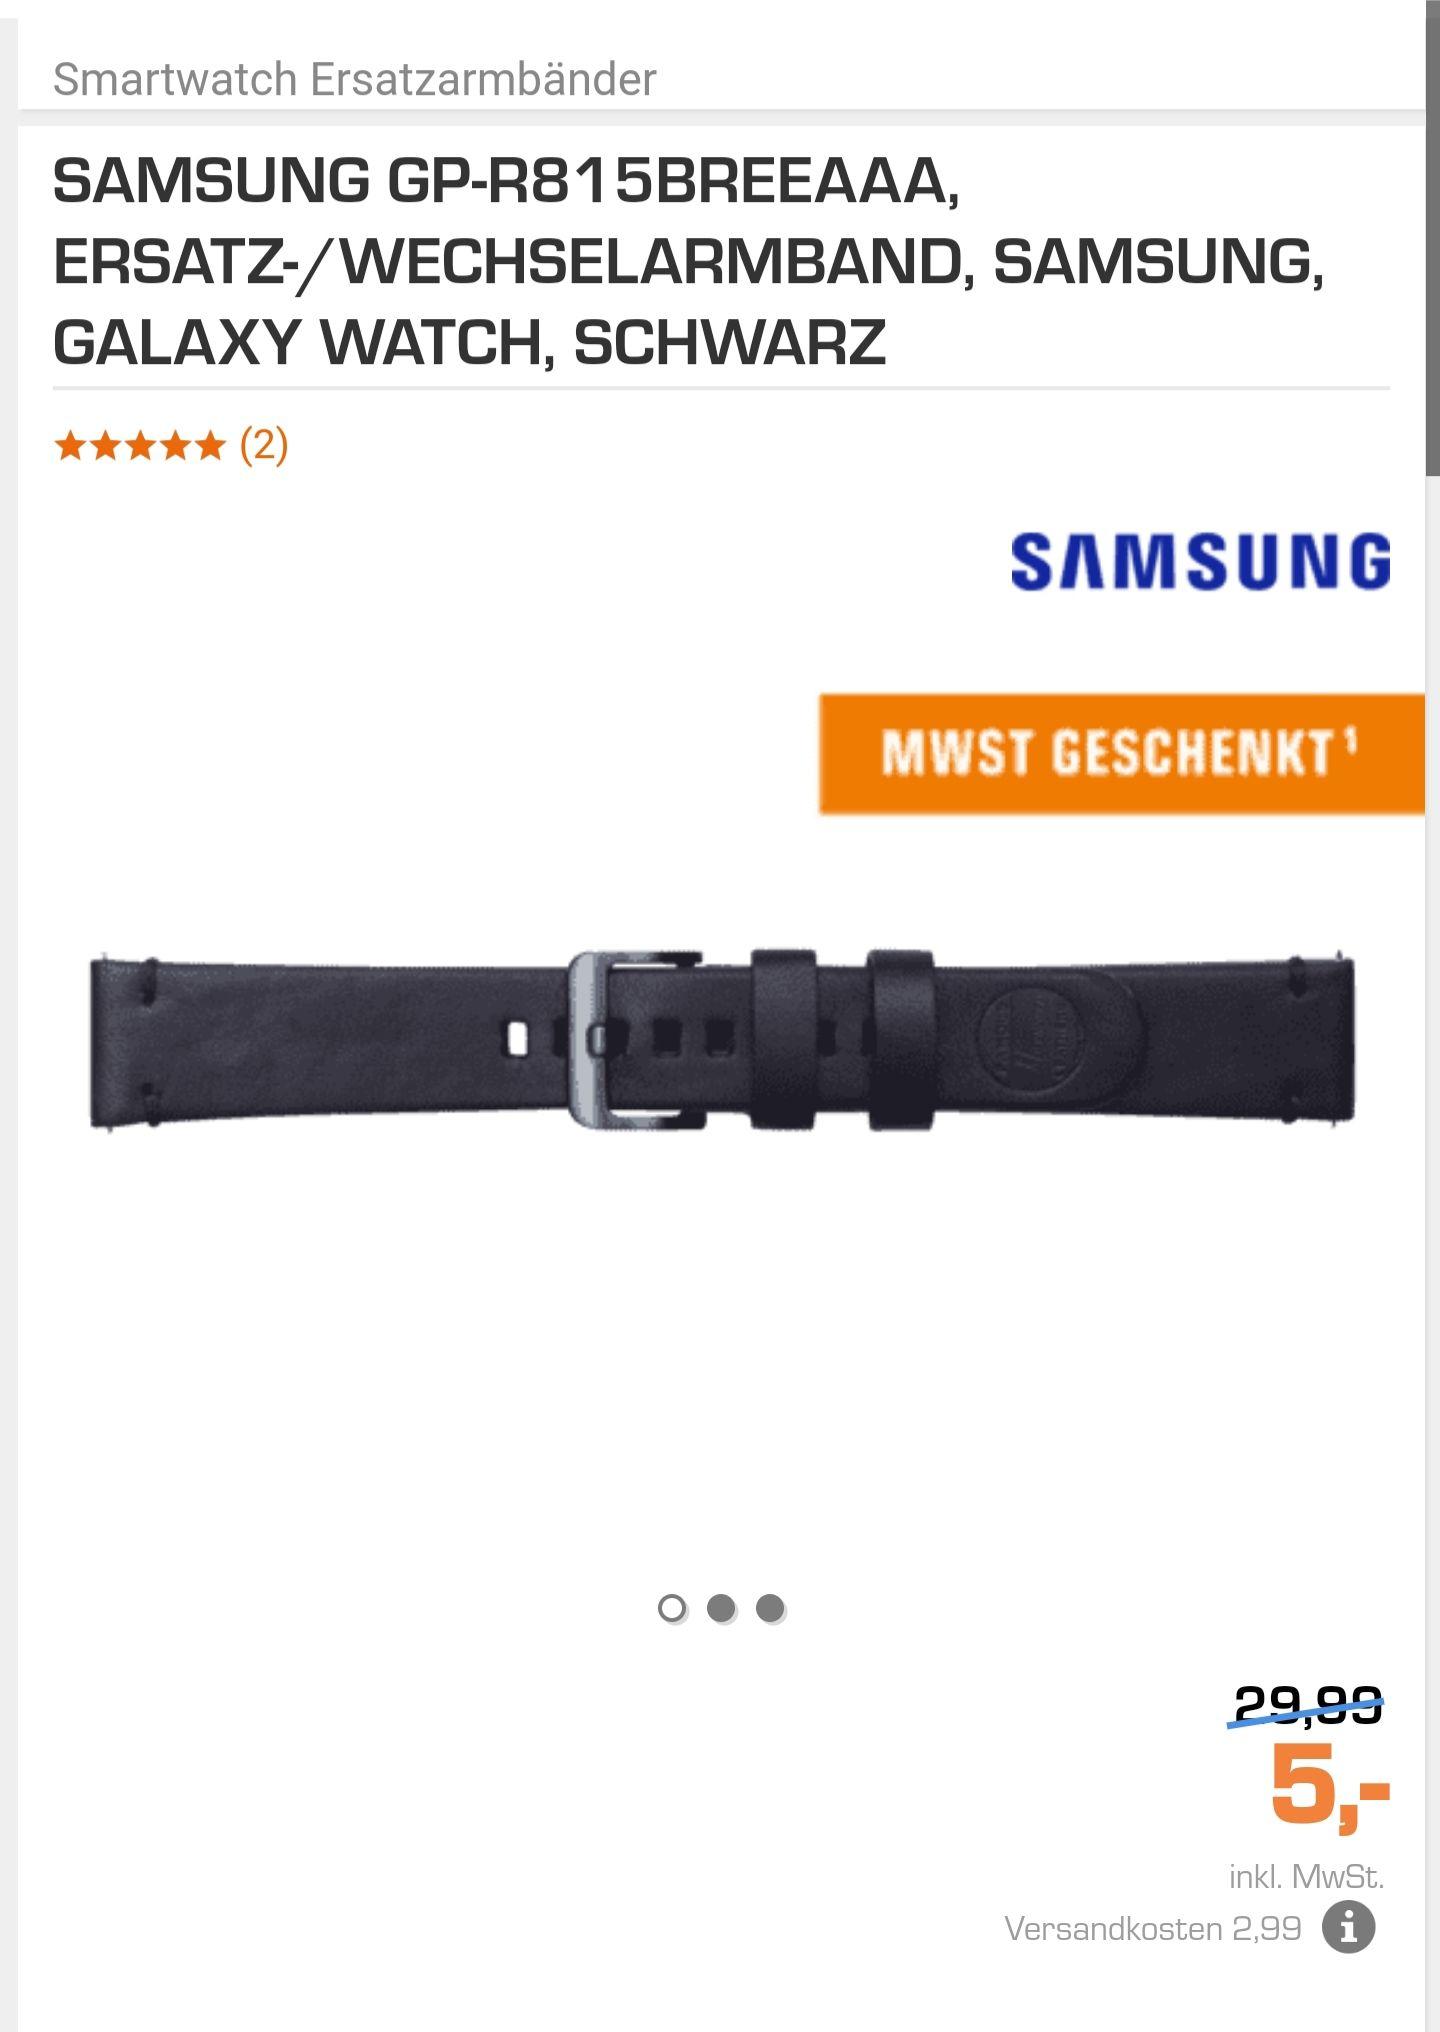 (Saturn) Galaxy Watch Leder Ersatzarmband Essex für 5€ + 2.99€ VSK statt 29,99€ UVP